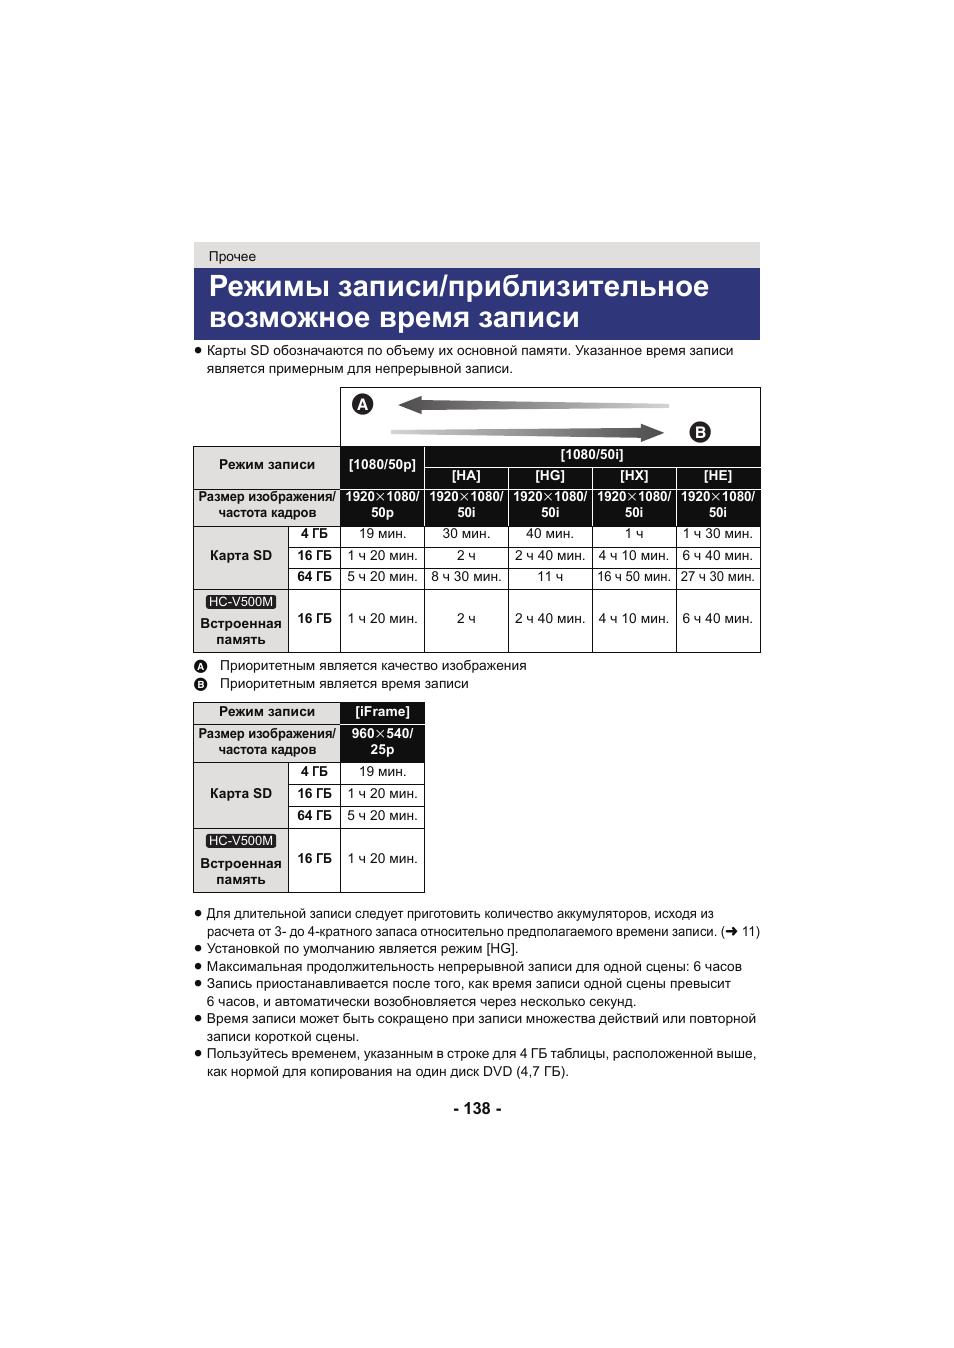 Panasonic hc-v500 service manual & repair guide download manuals.